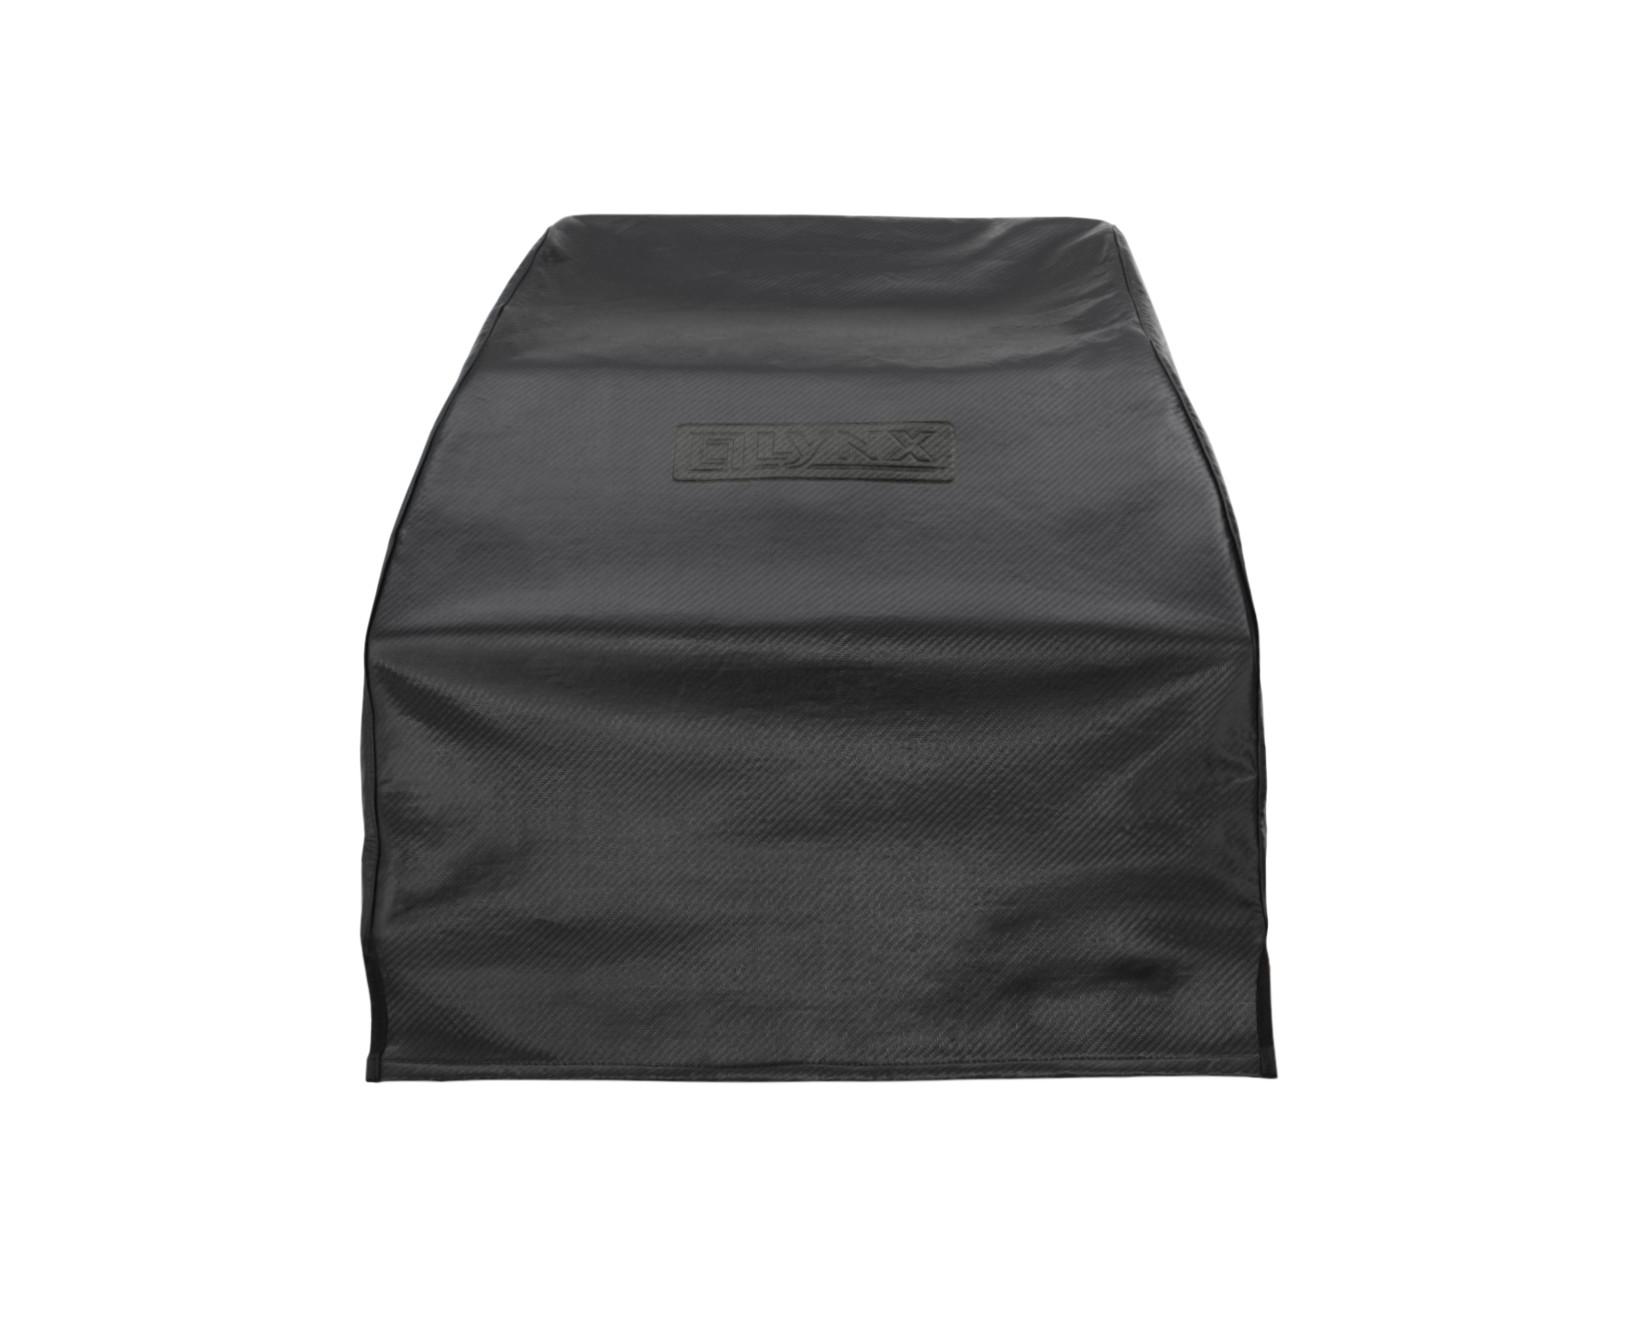 Lynx Napoli Outdoor Oven™ carbon fiber vinyl cover (countertop)